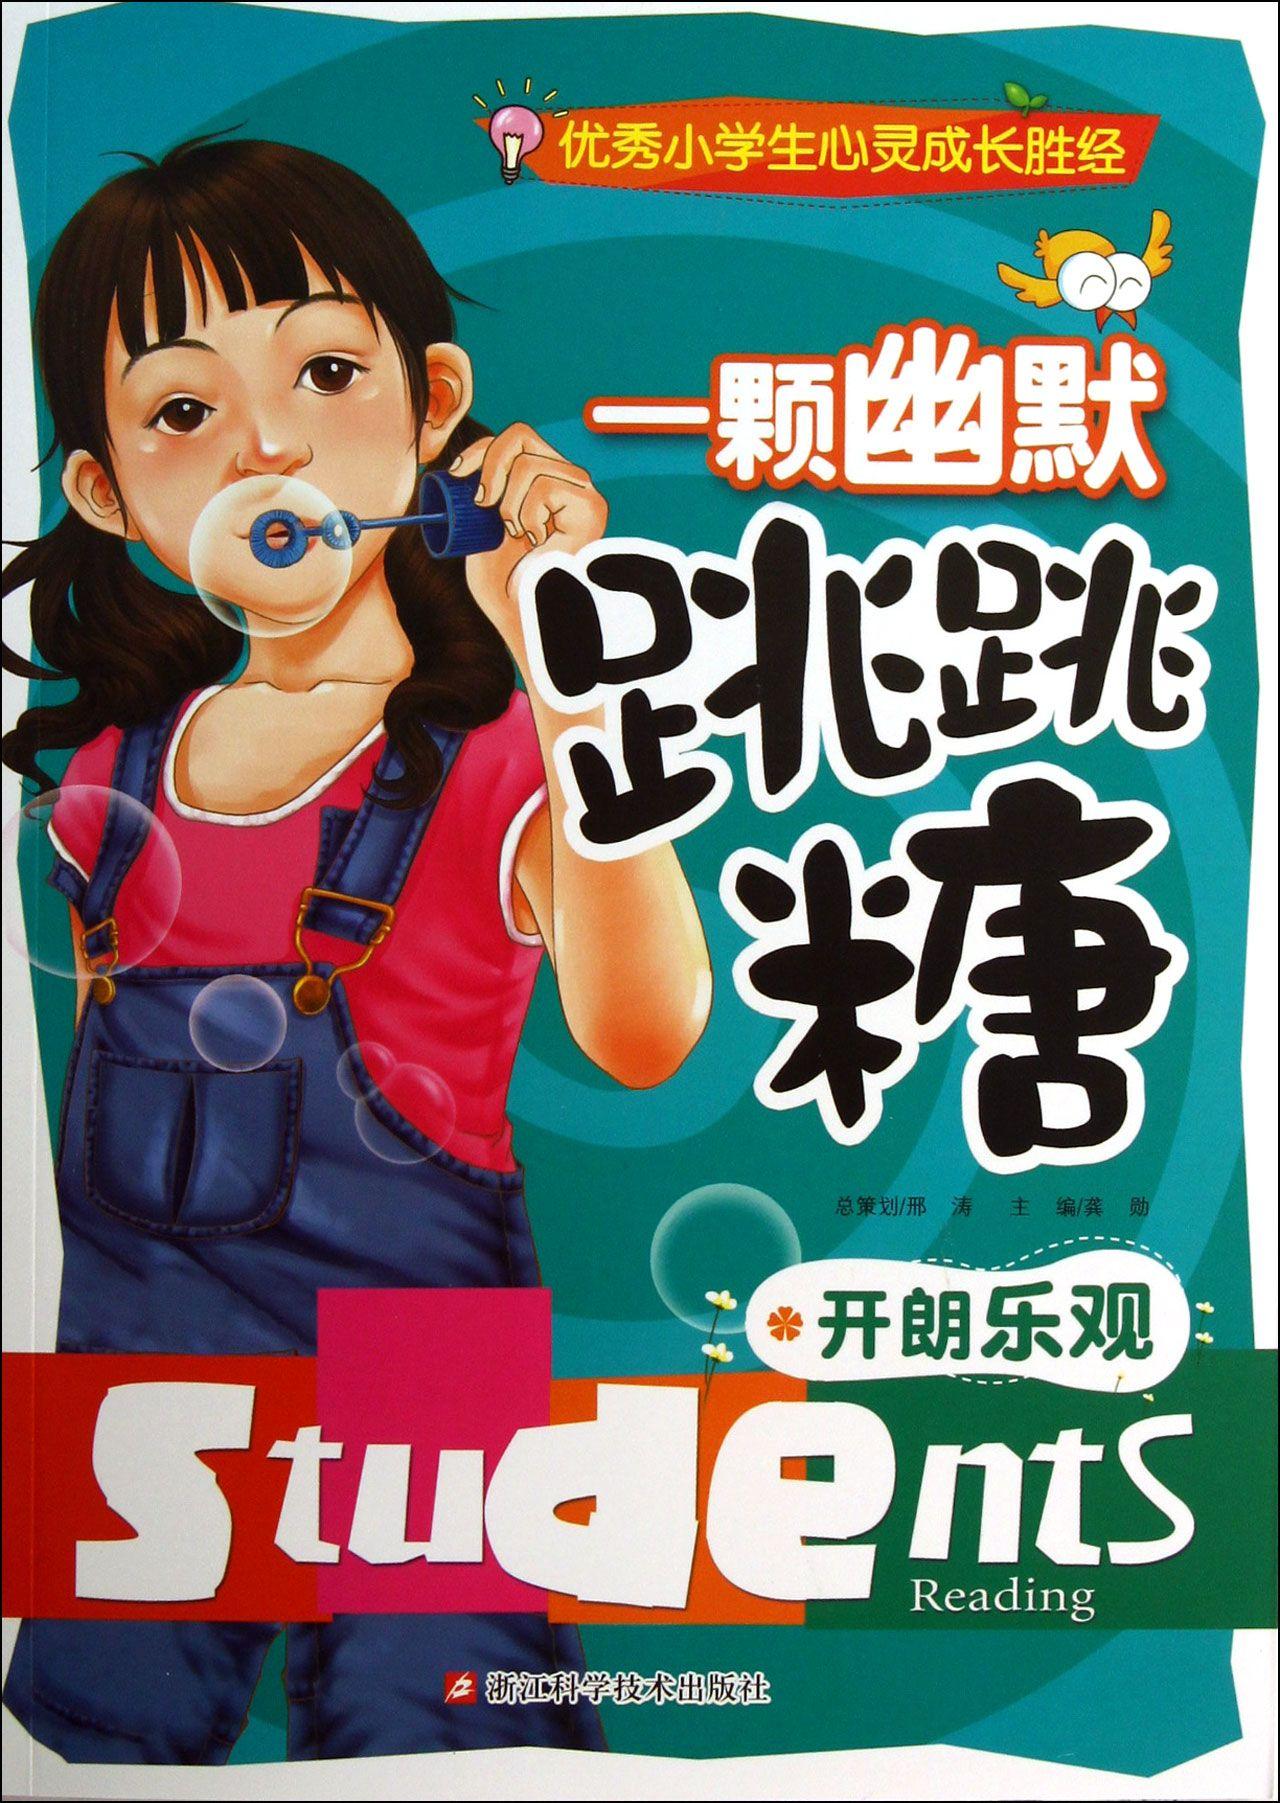 丛书名:优秀小学生